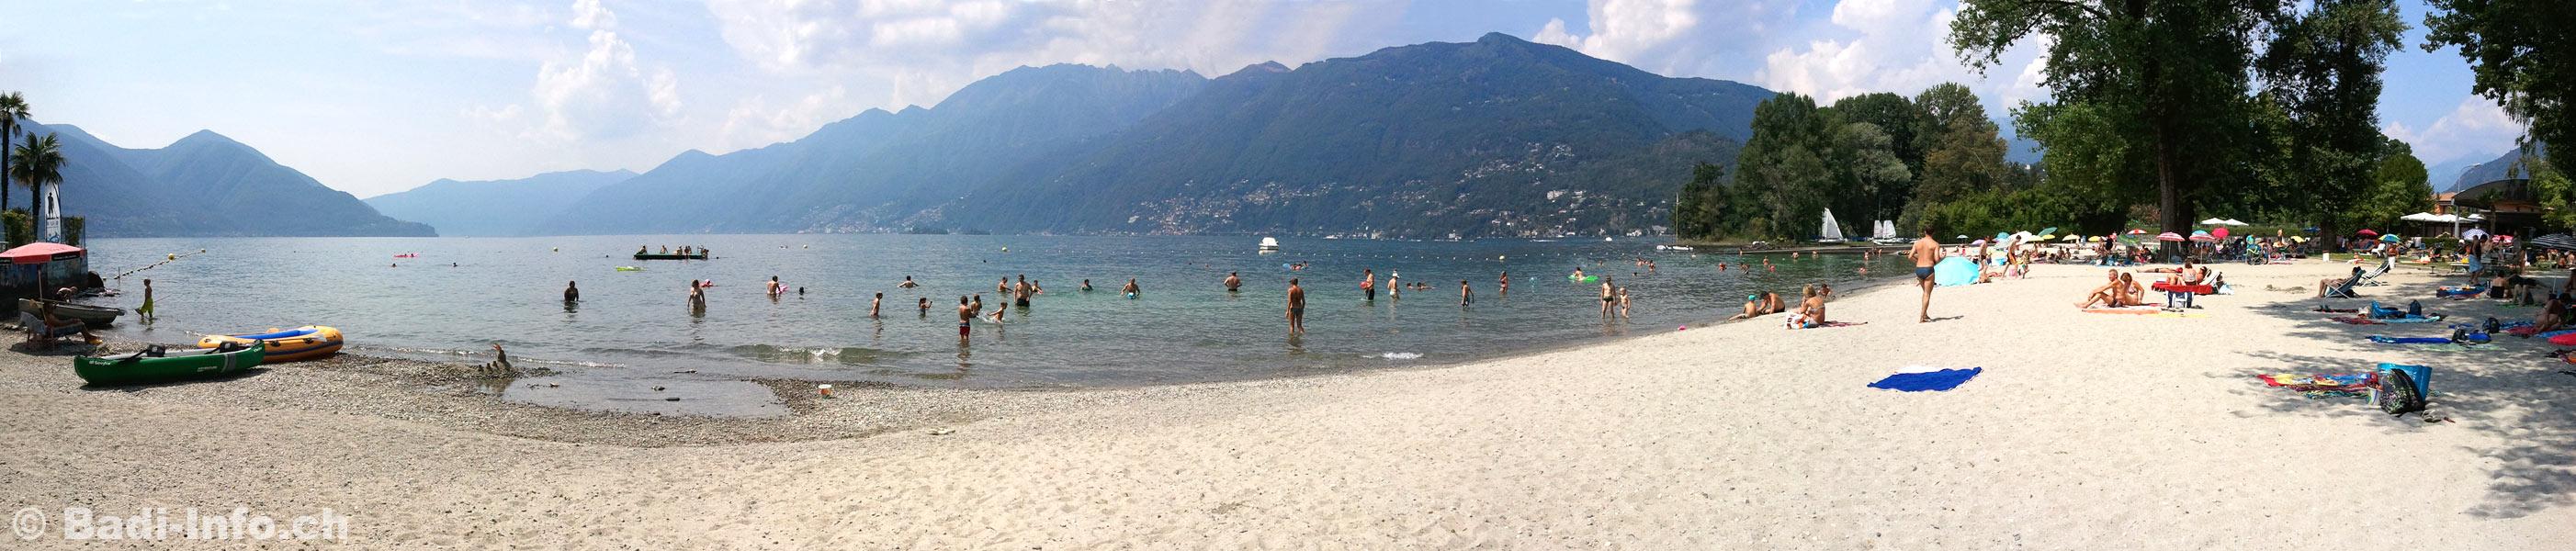 Ascona beach - Bagno pubblico ascona ...